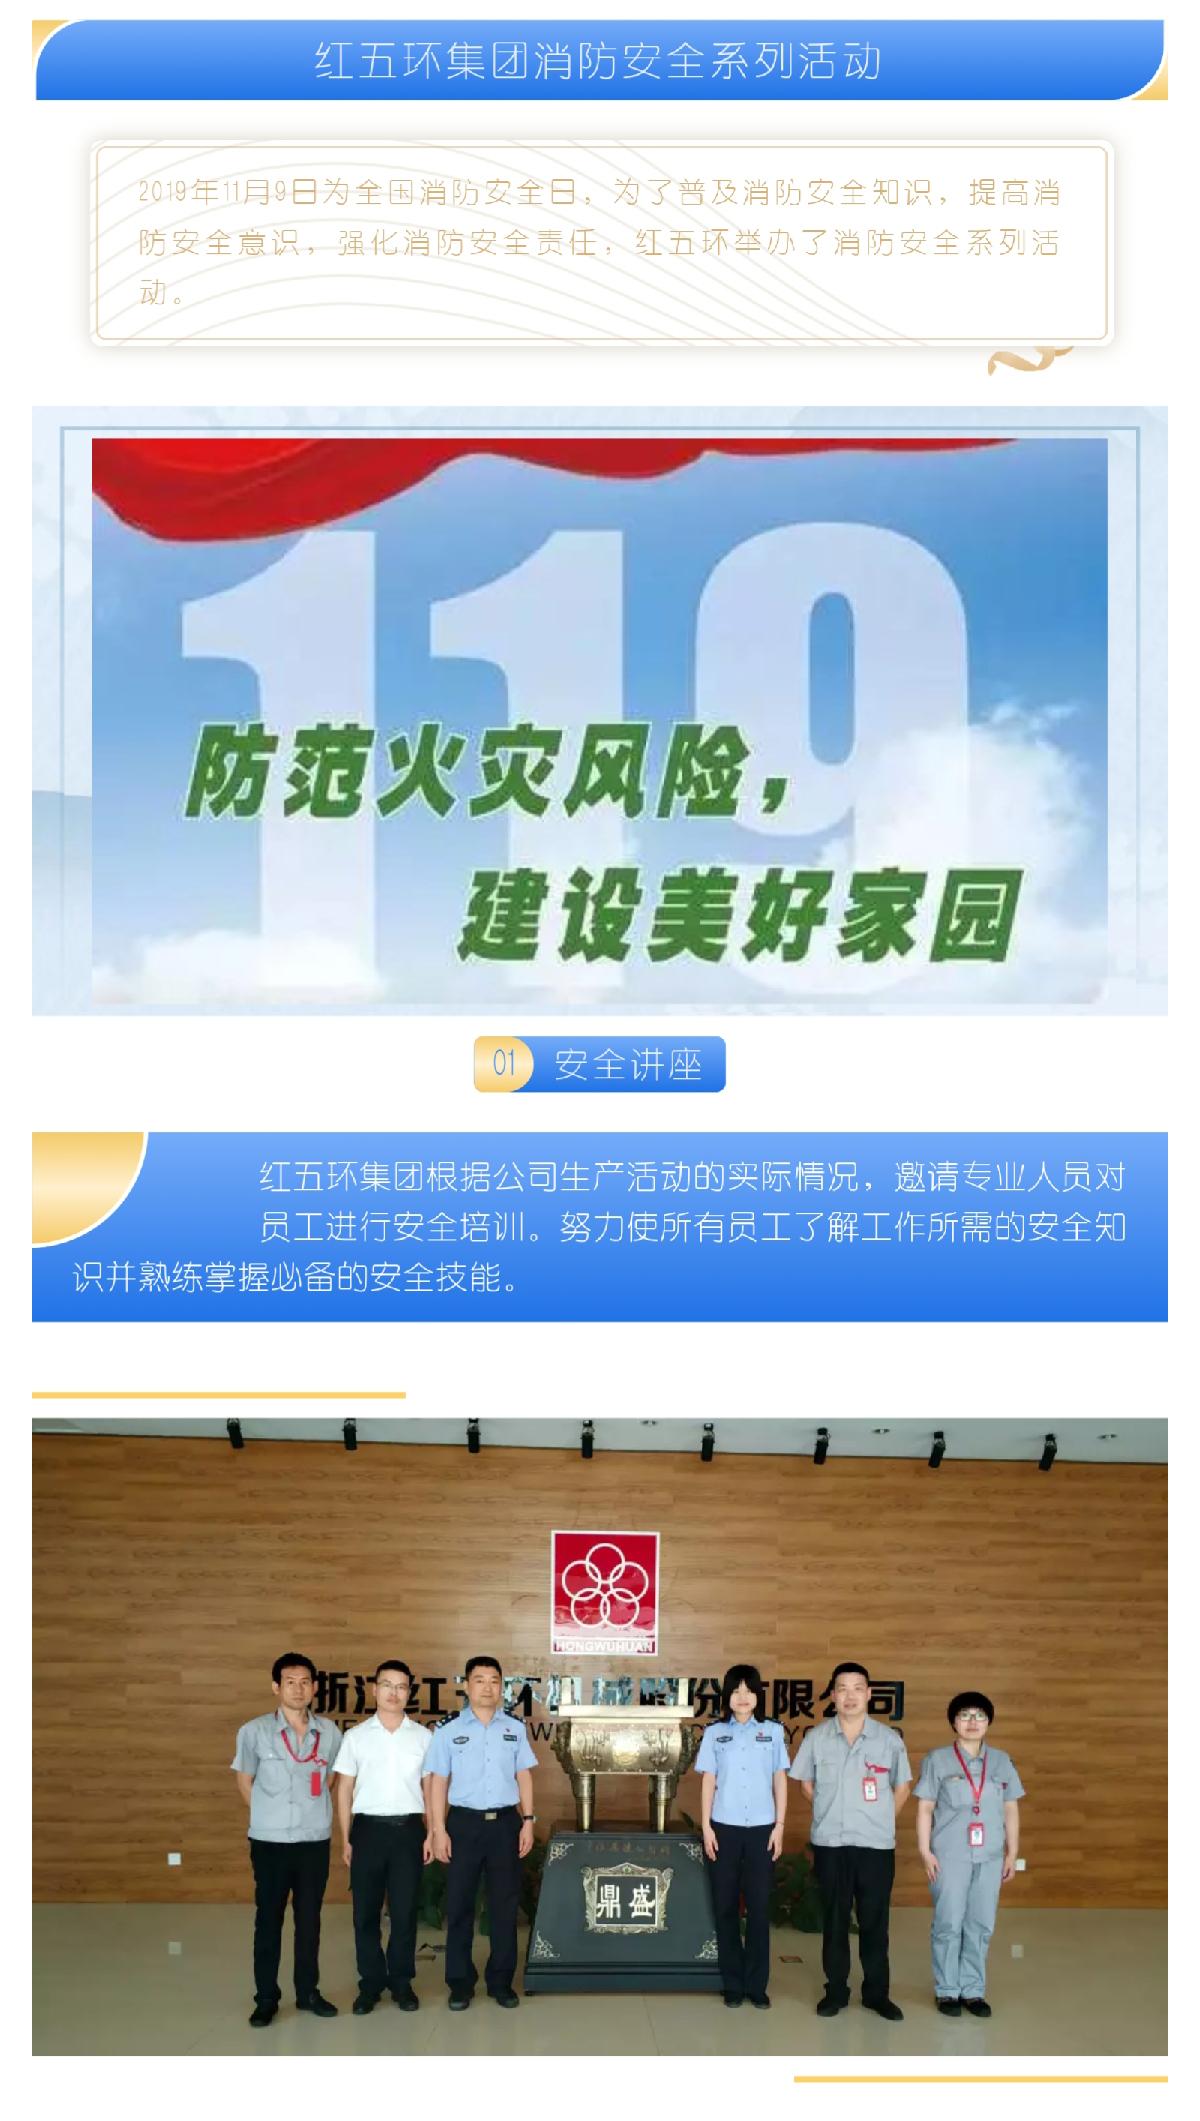 Screenshot_20191220_084834_com.tencent_02